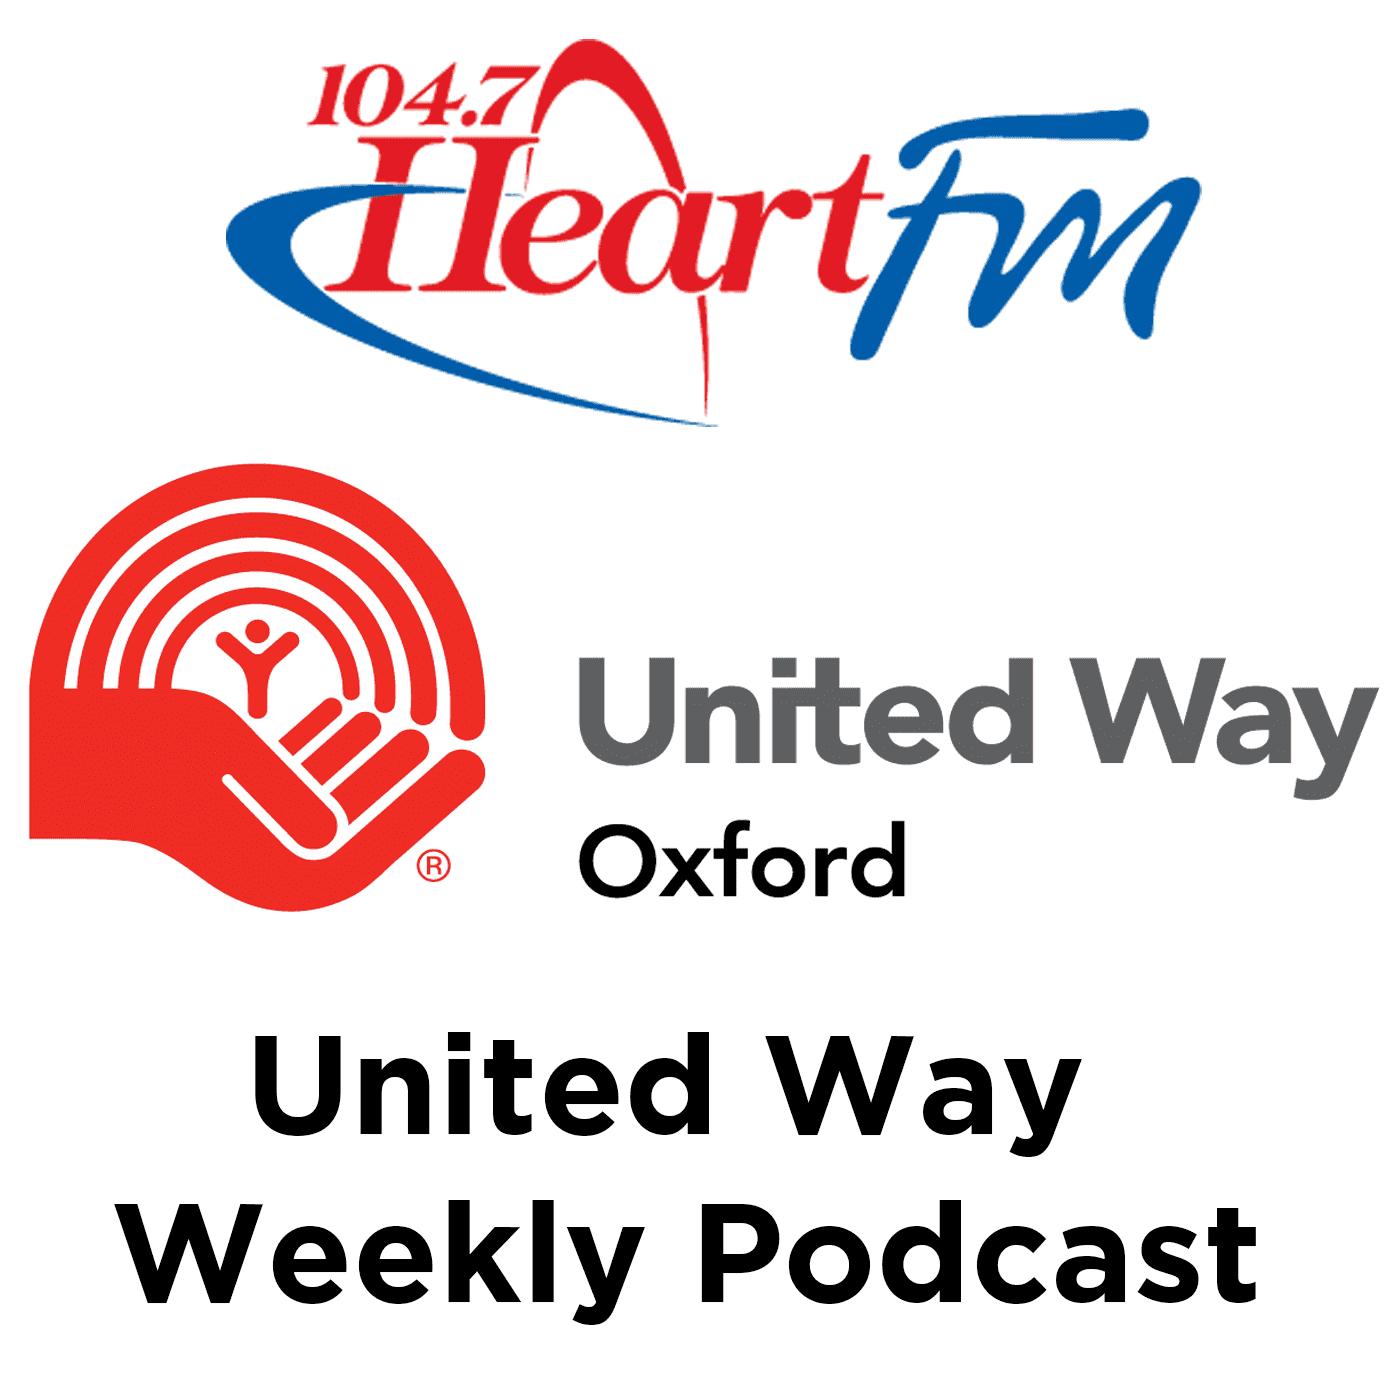 United Way Weekly